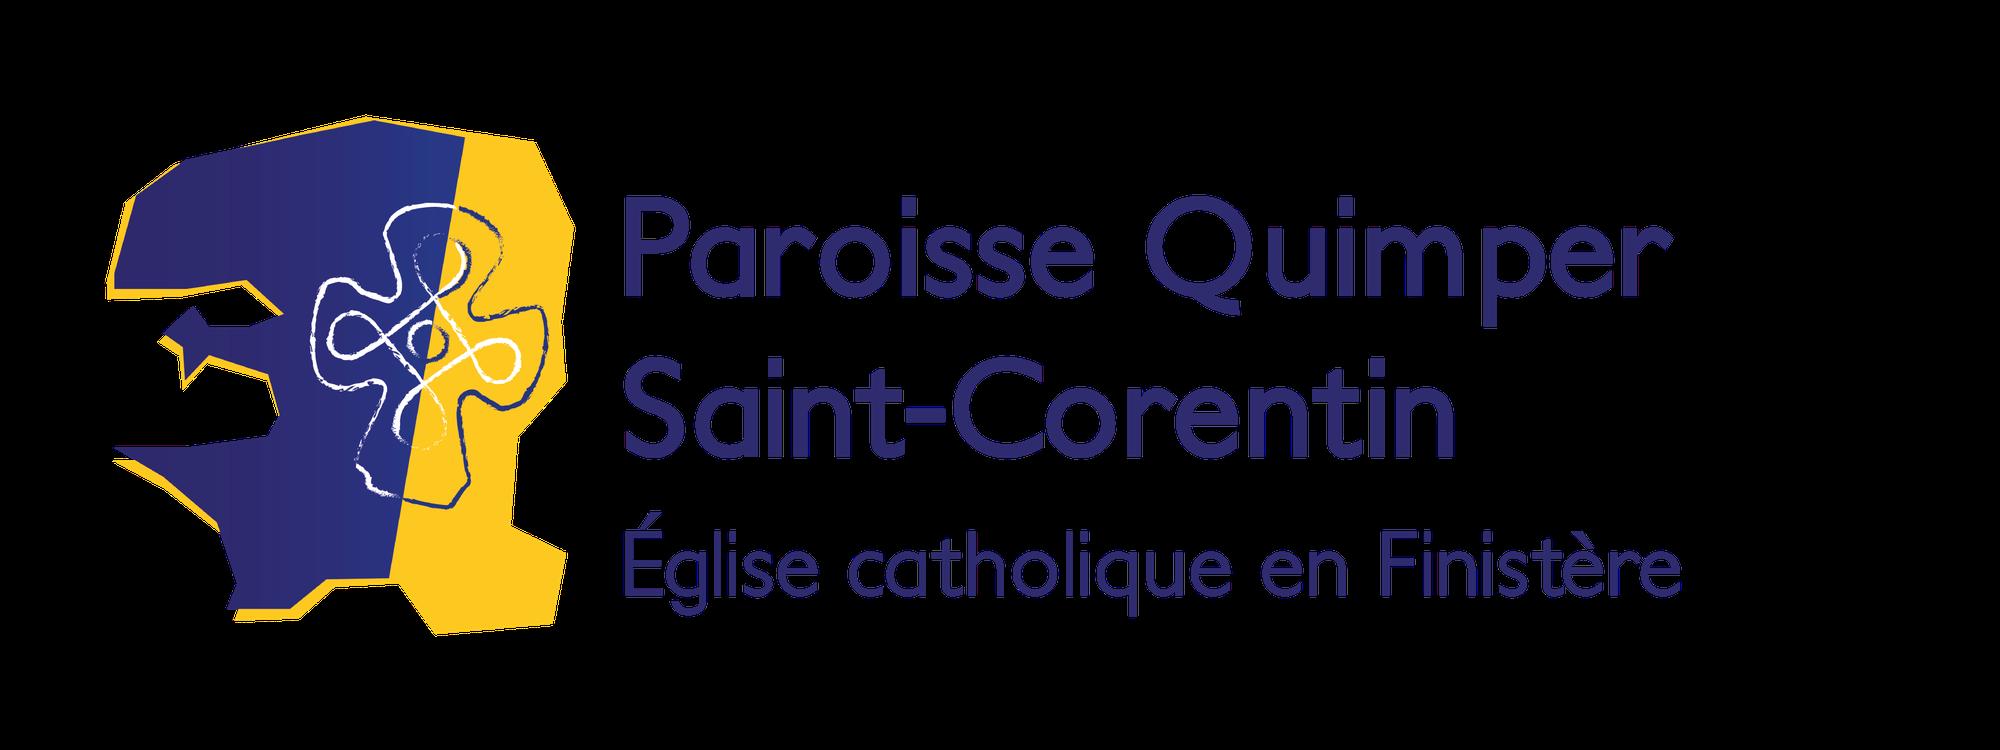 Bulletin paroissial du 19 septembre 2021